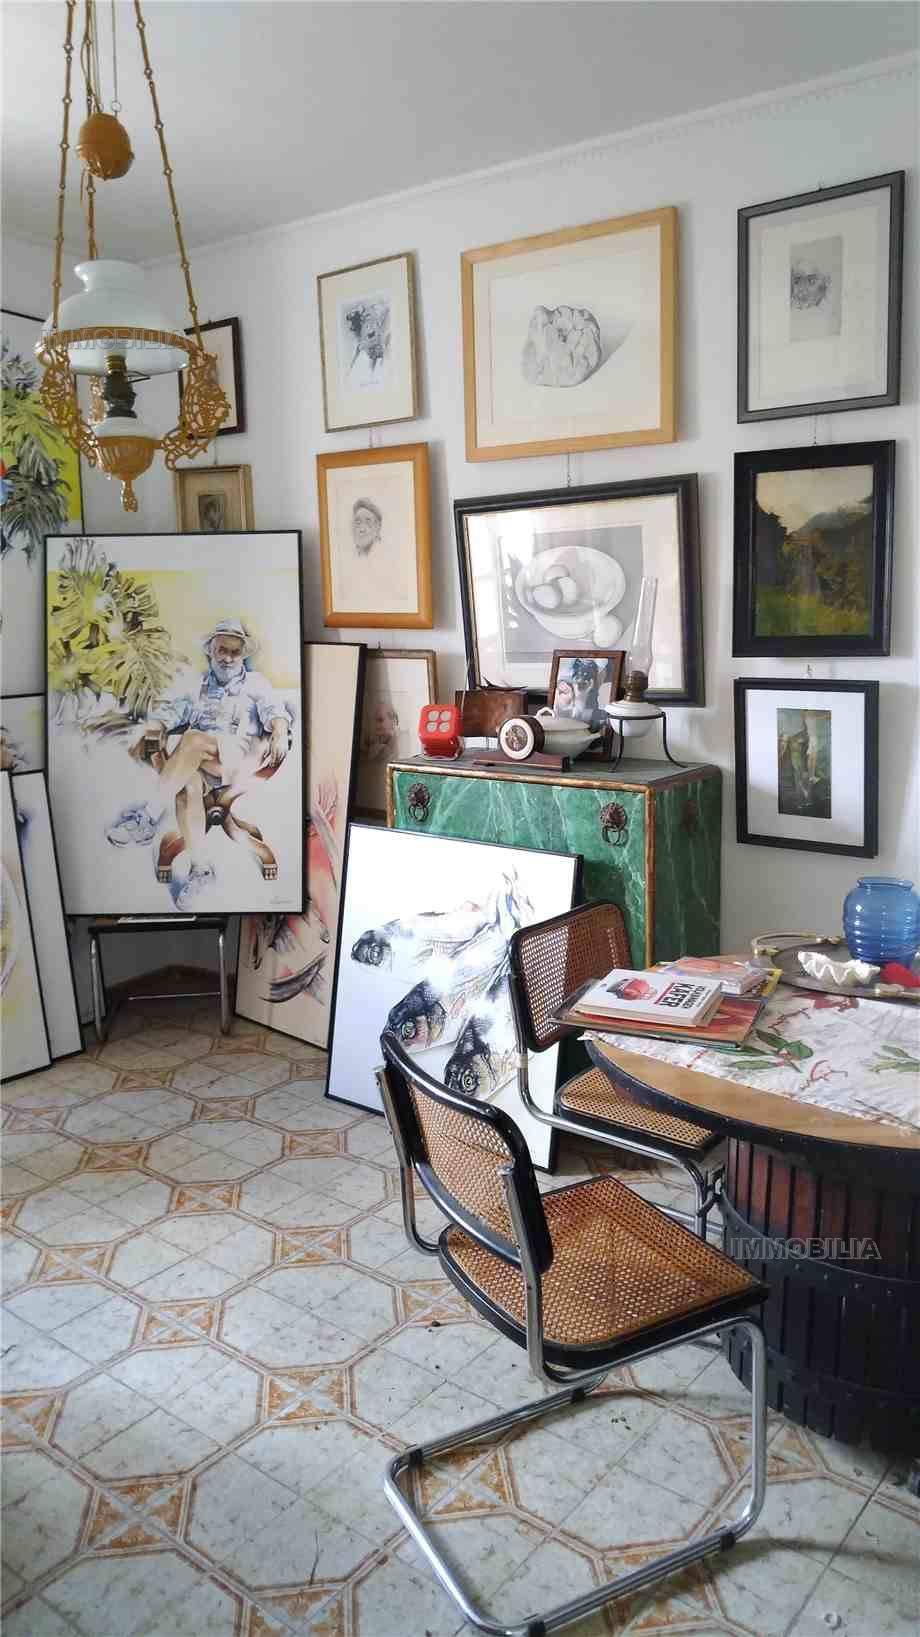 For sale Semi-detached house Sansepolcro  #459 n.7